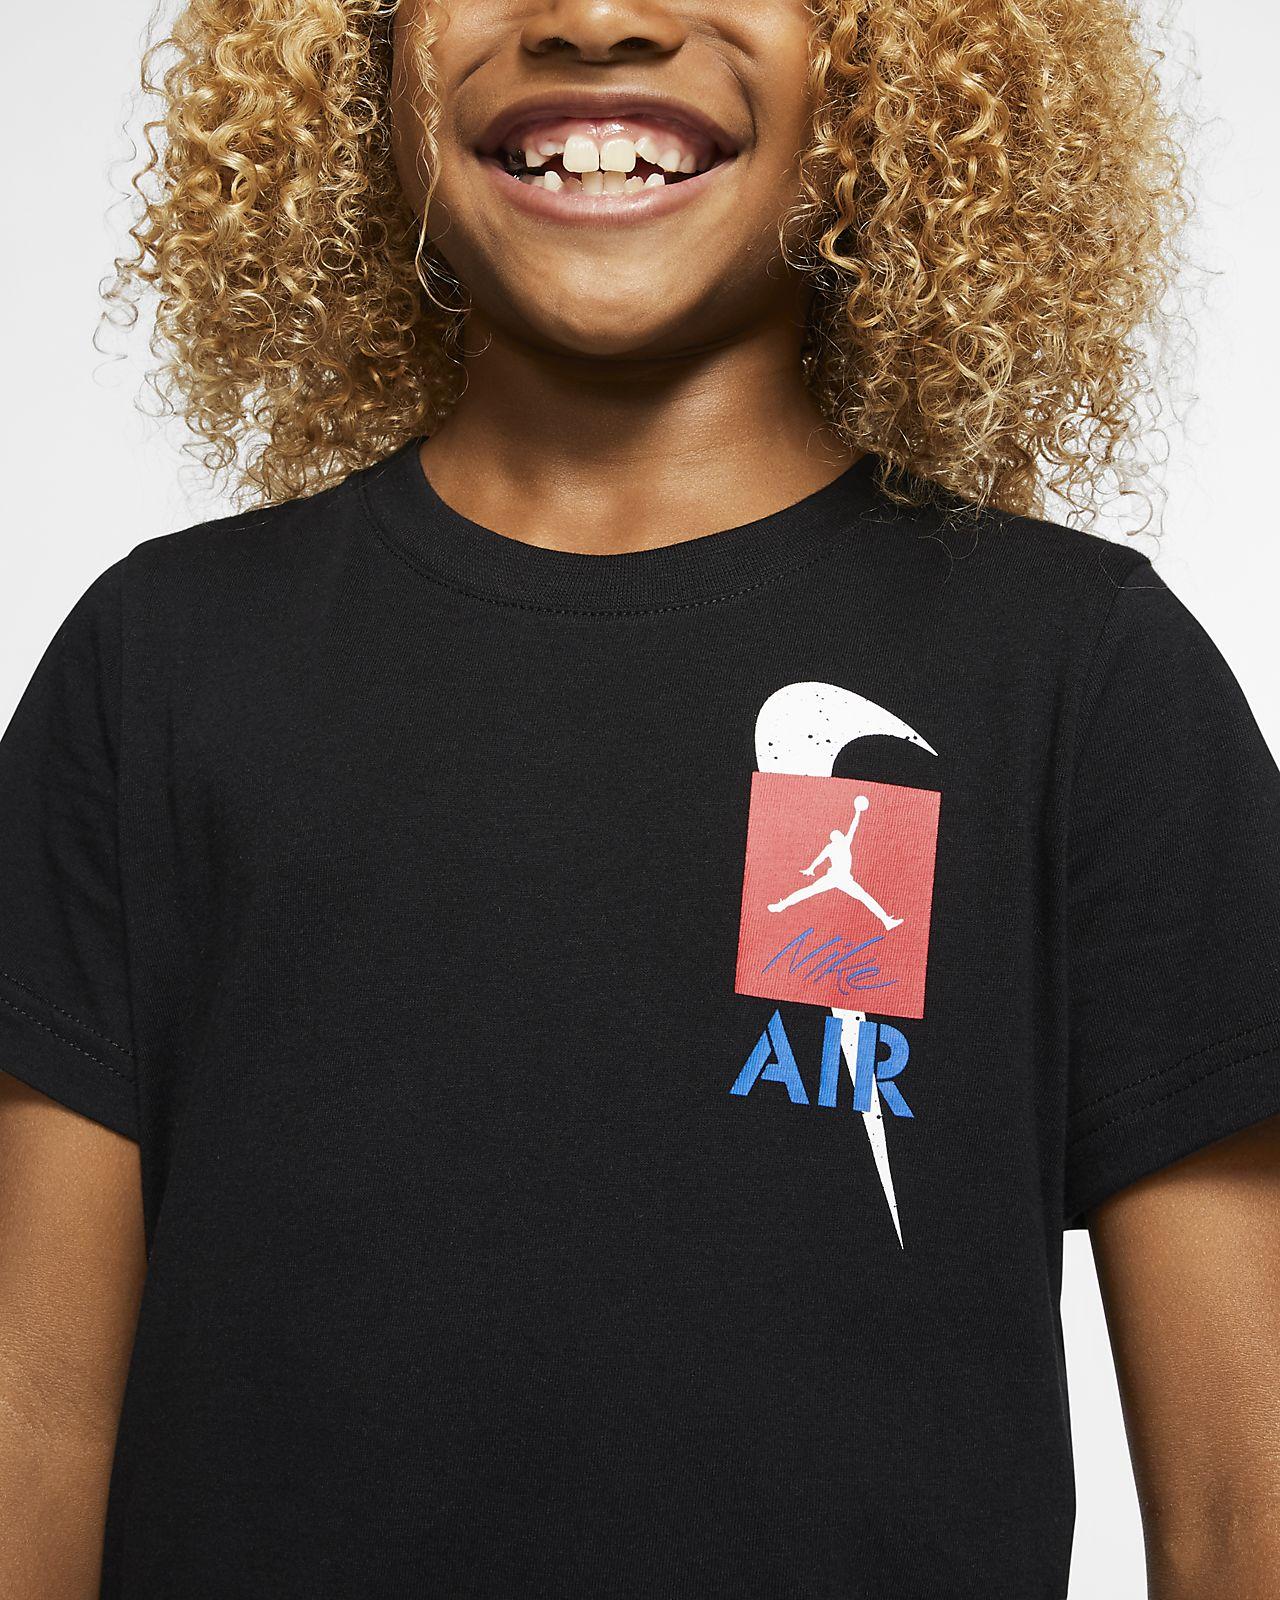 Air Jordan Younger Kids' Short Sleeve T Shirt